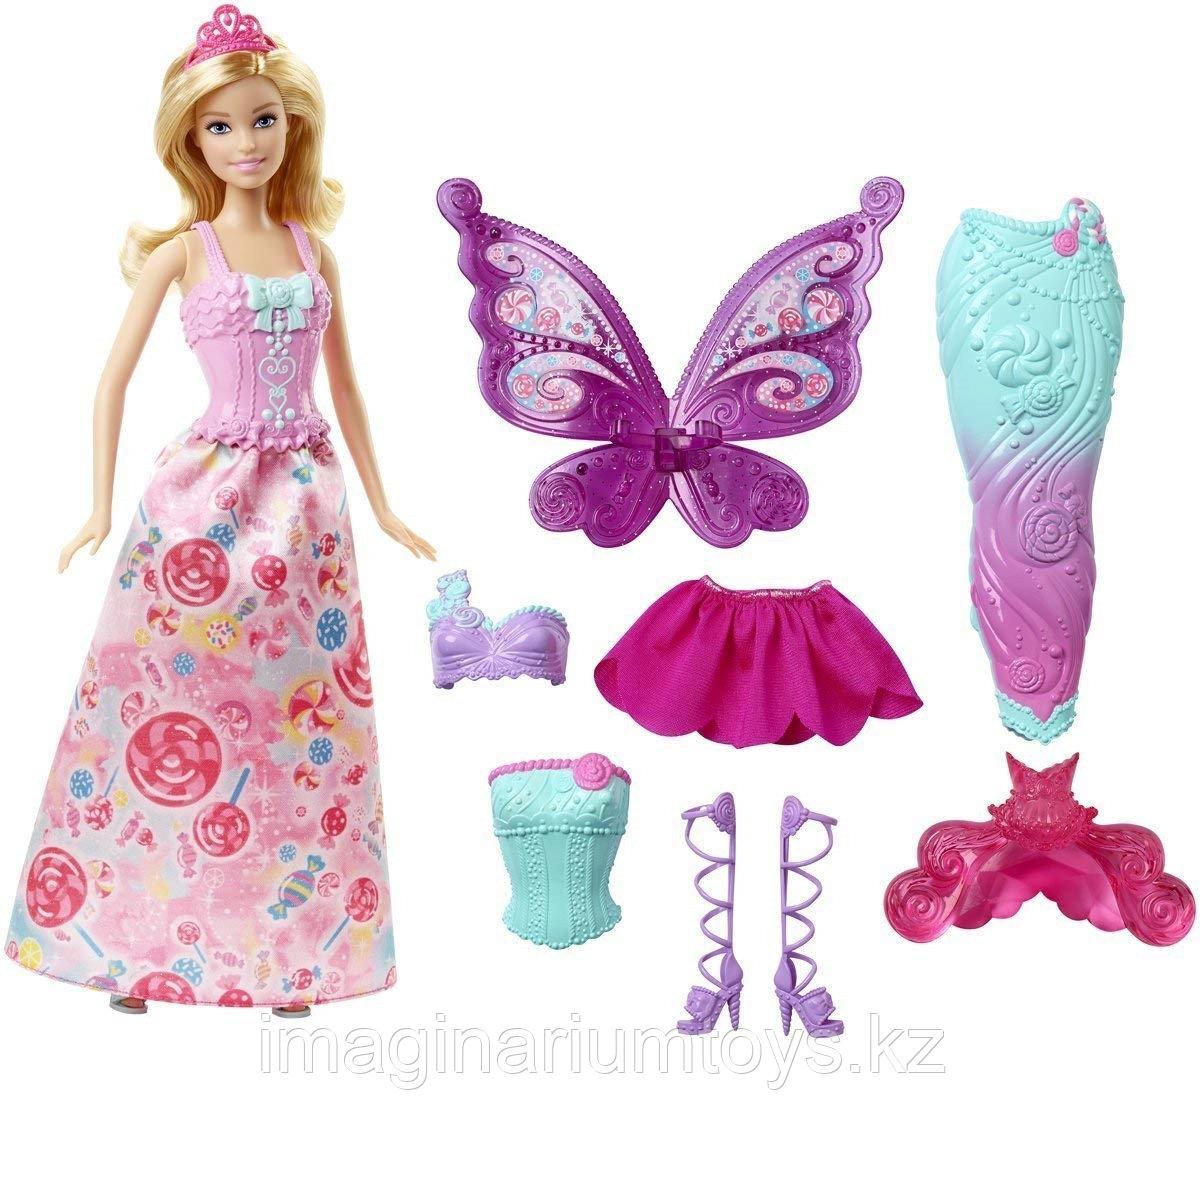 Кукла Барби Дримтопия Фея с комплектом одежды